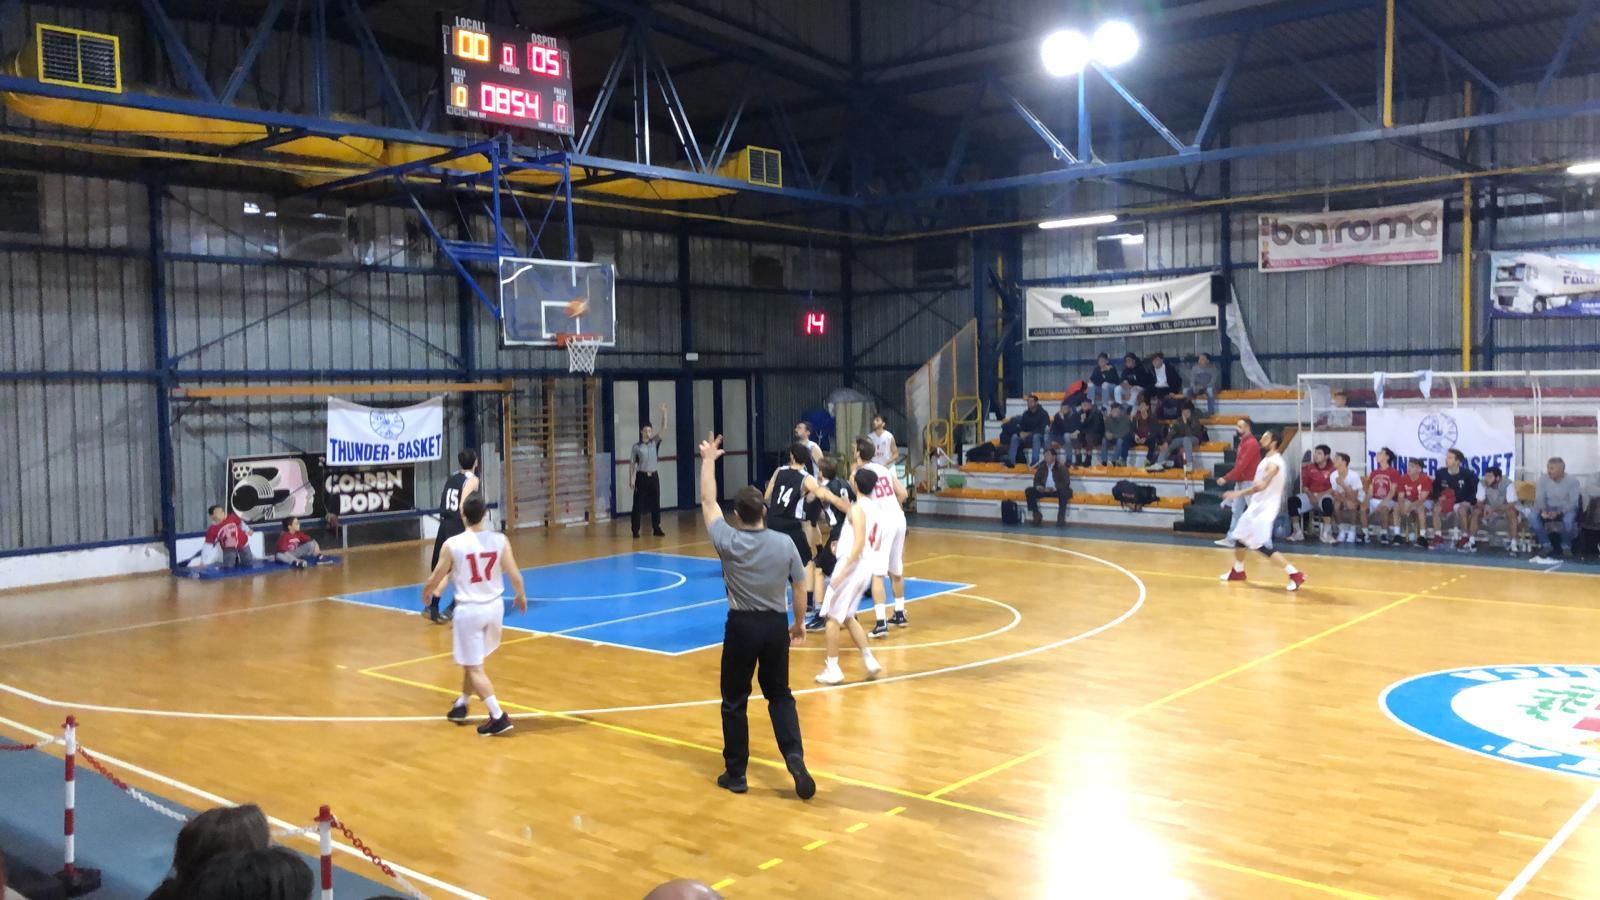 La Vigor Matelica si impone sugli 88ers Civitanova - Serie D Regionale Marche Girone B - Basketmarche.it